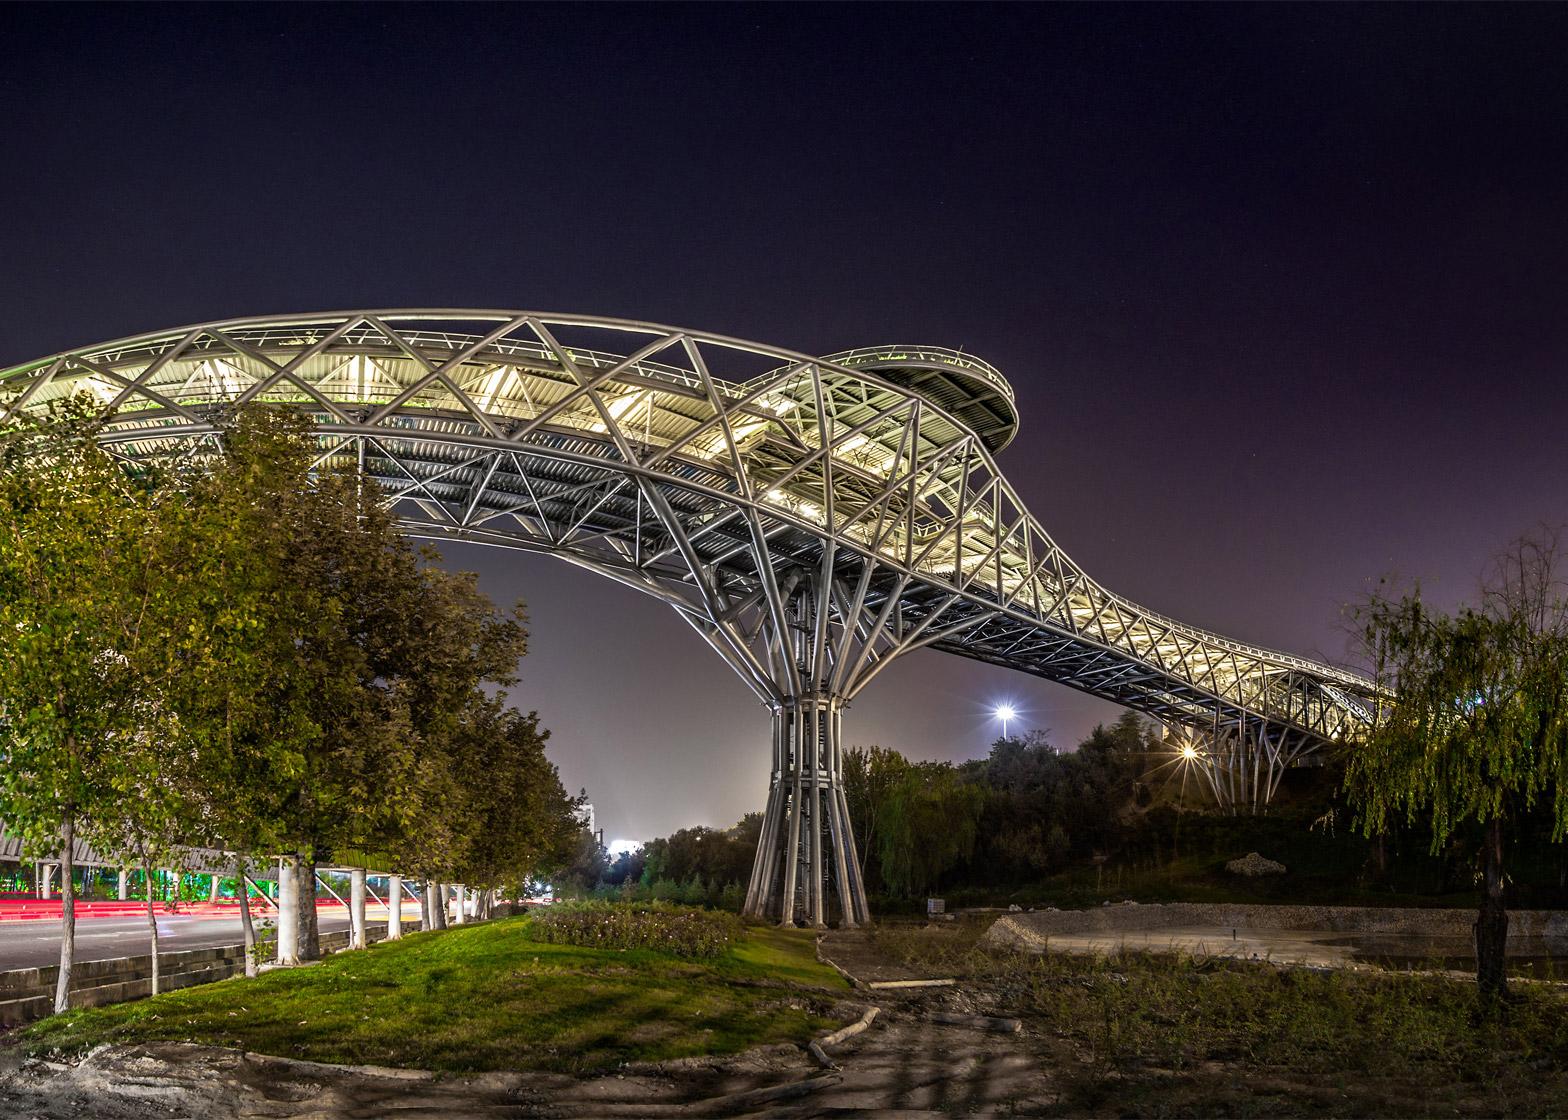 Tabiat Pedestrian Bridge, Tehran, Iran;by Diba Tensile Architecture/Leila Araghian, Alireza Behzadi